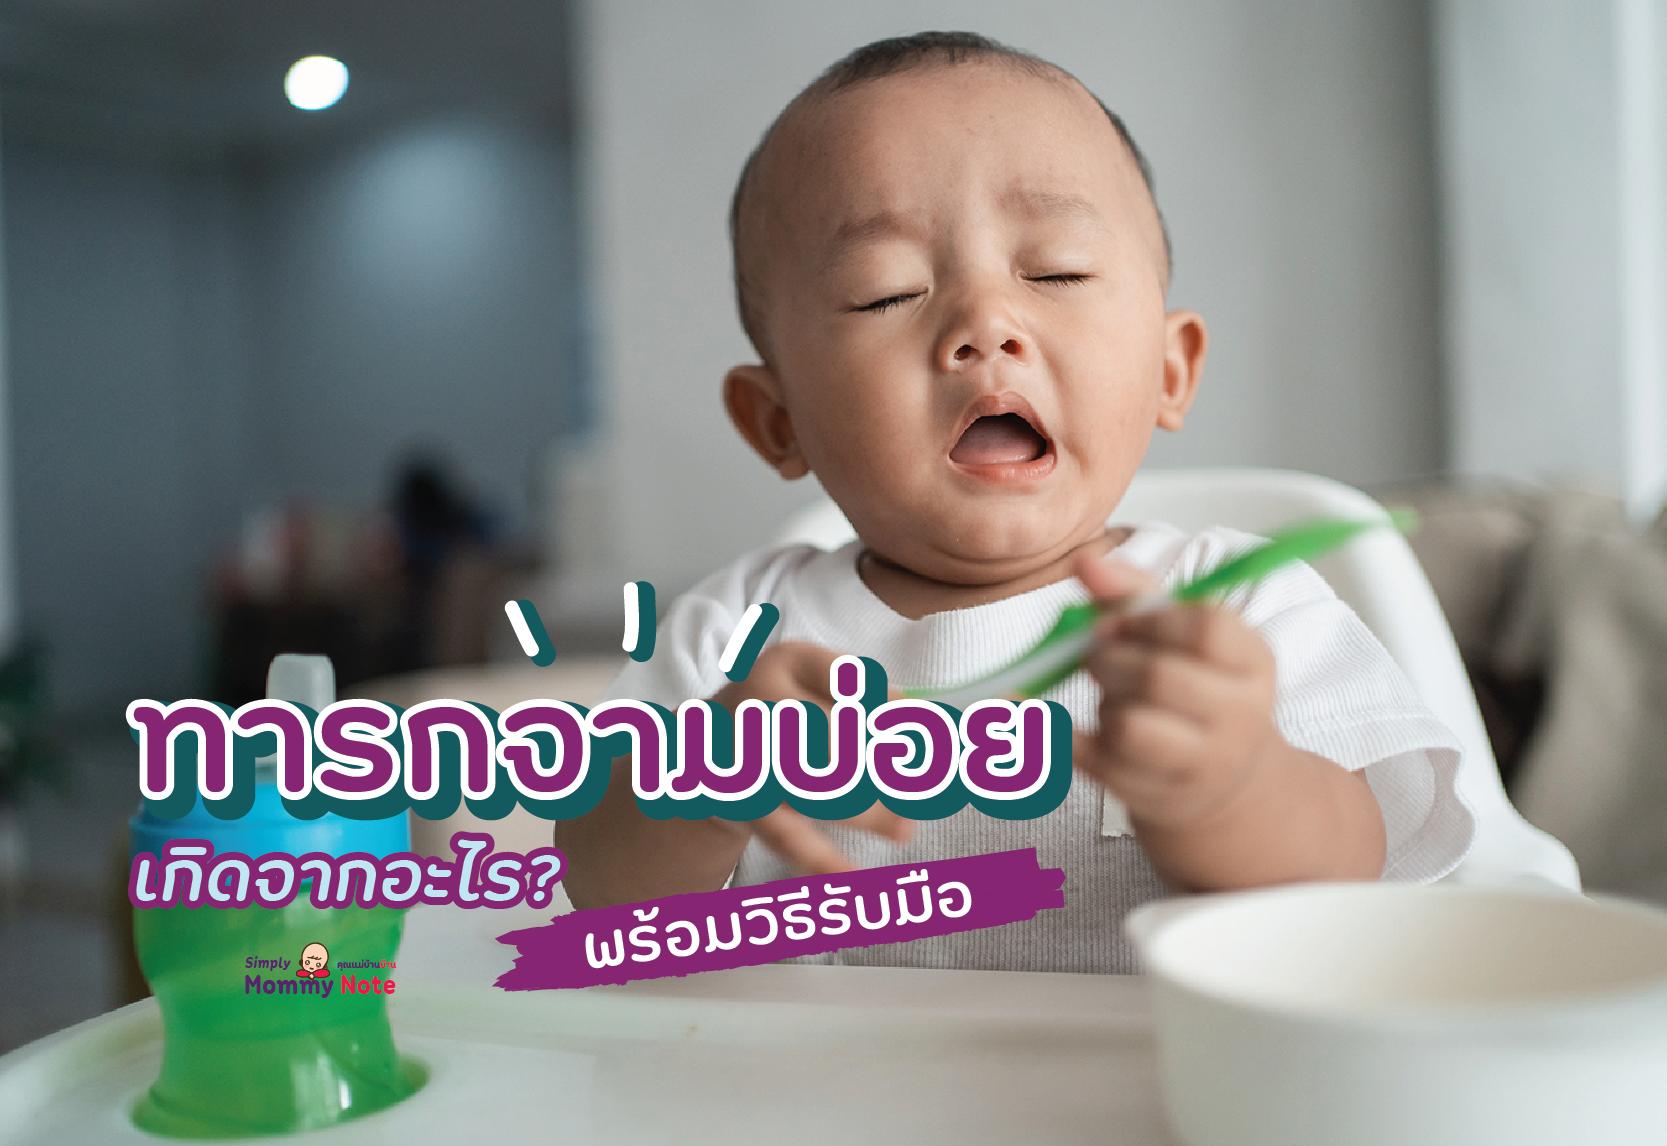 11062021_ทารกจามบ่อยมีอันตรายหรือไม่ พร้อมวิธีรับมือ-01